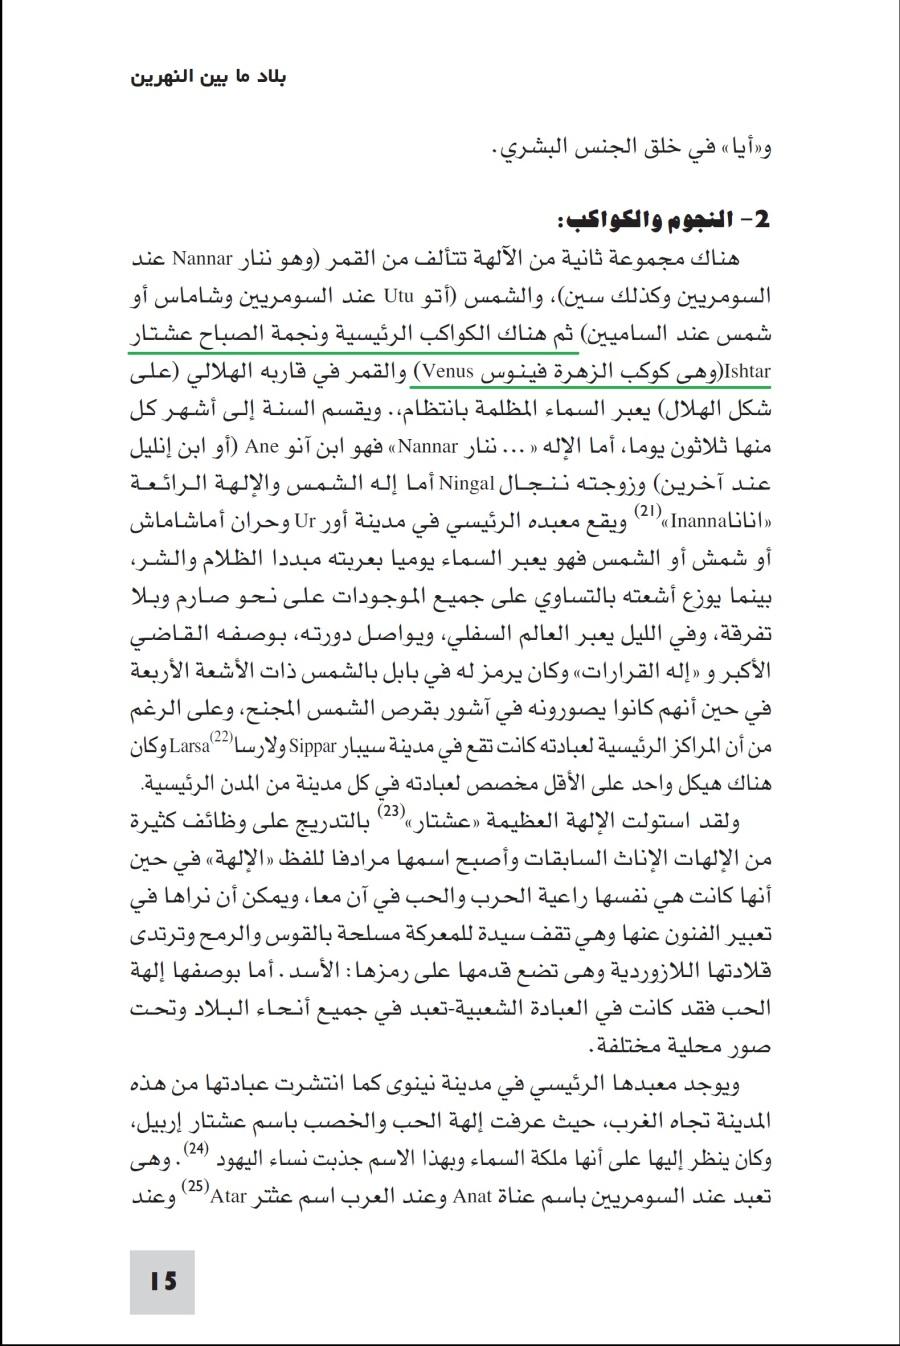 المعتقدات الدينية لدى الشعوب ص 15